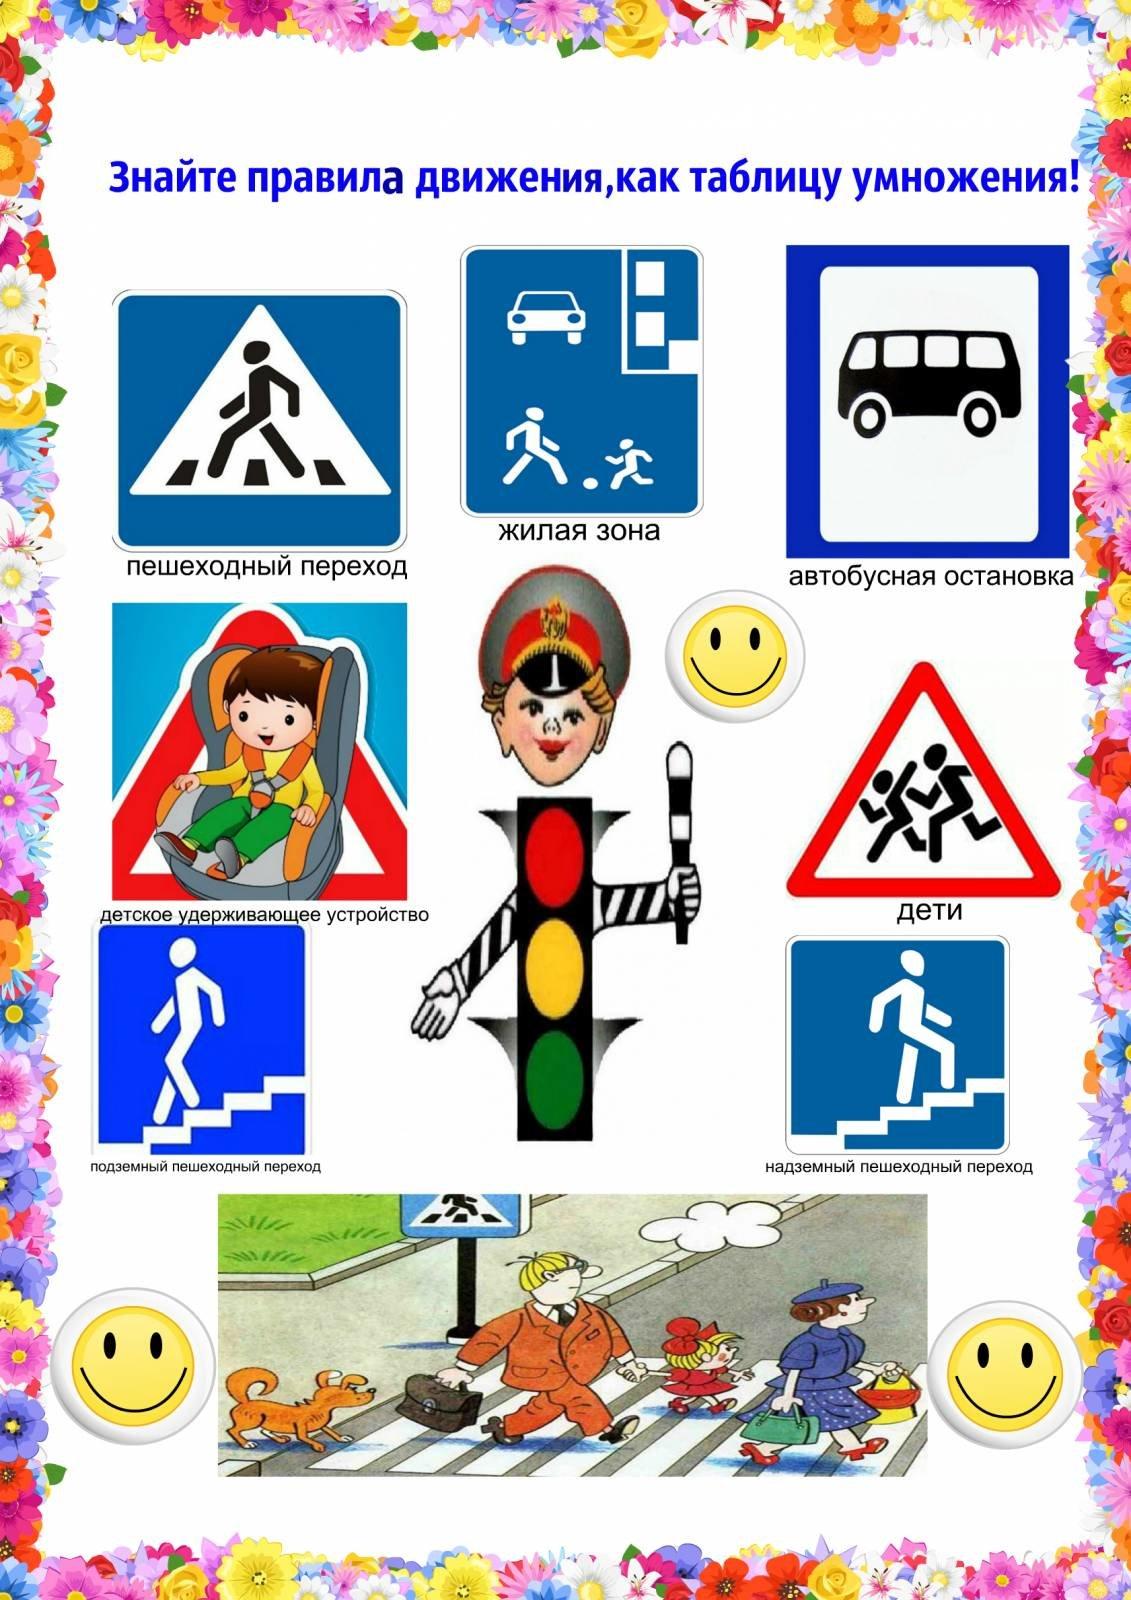 Безопасность для детей в картинках для детского сада 16